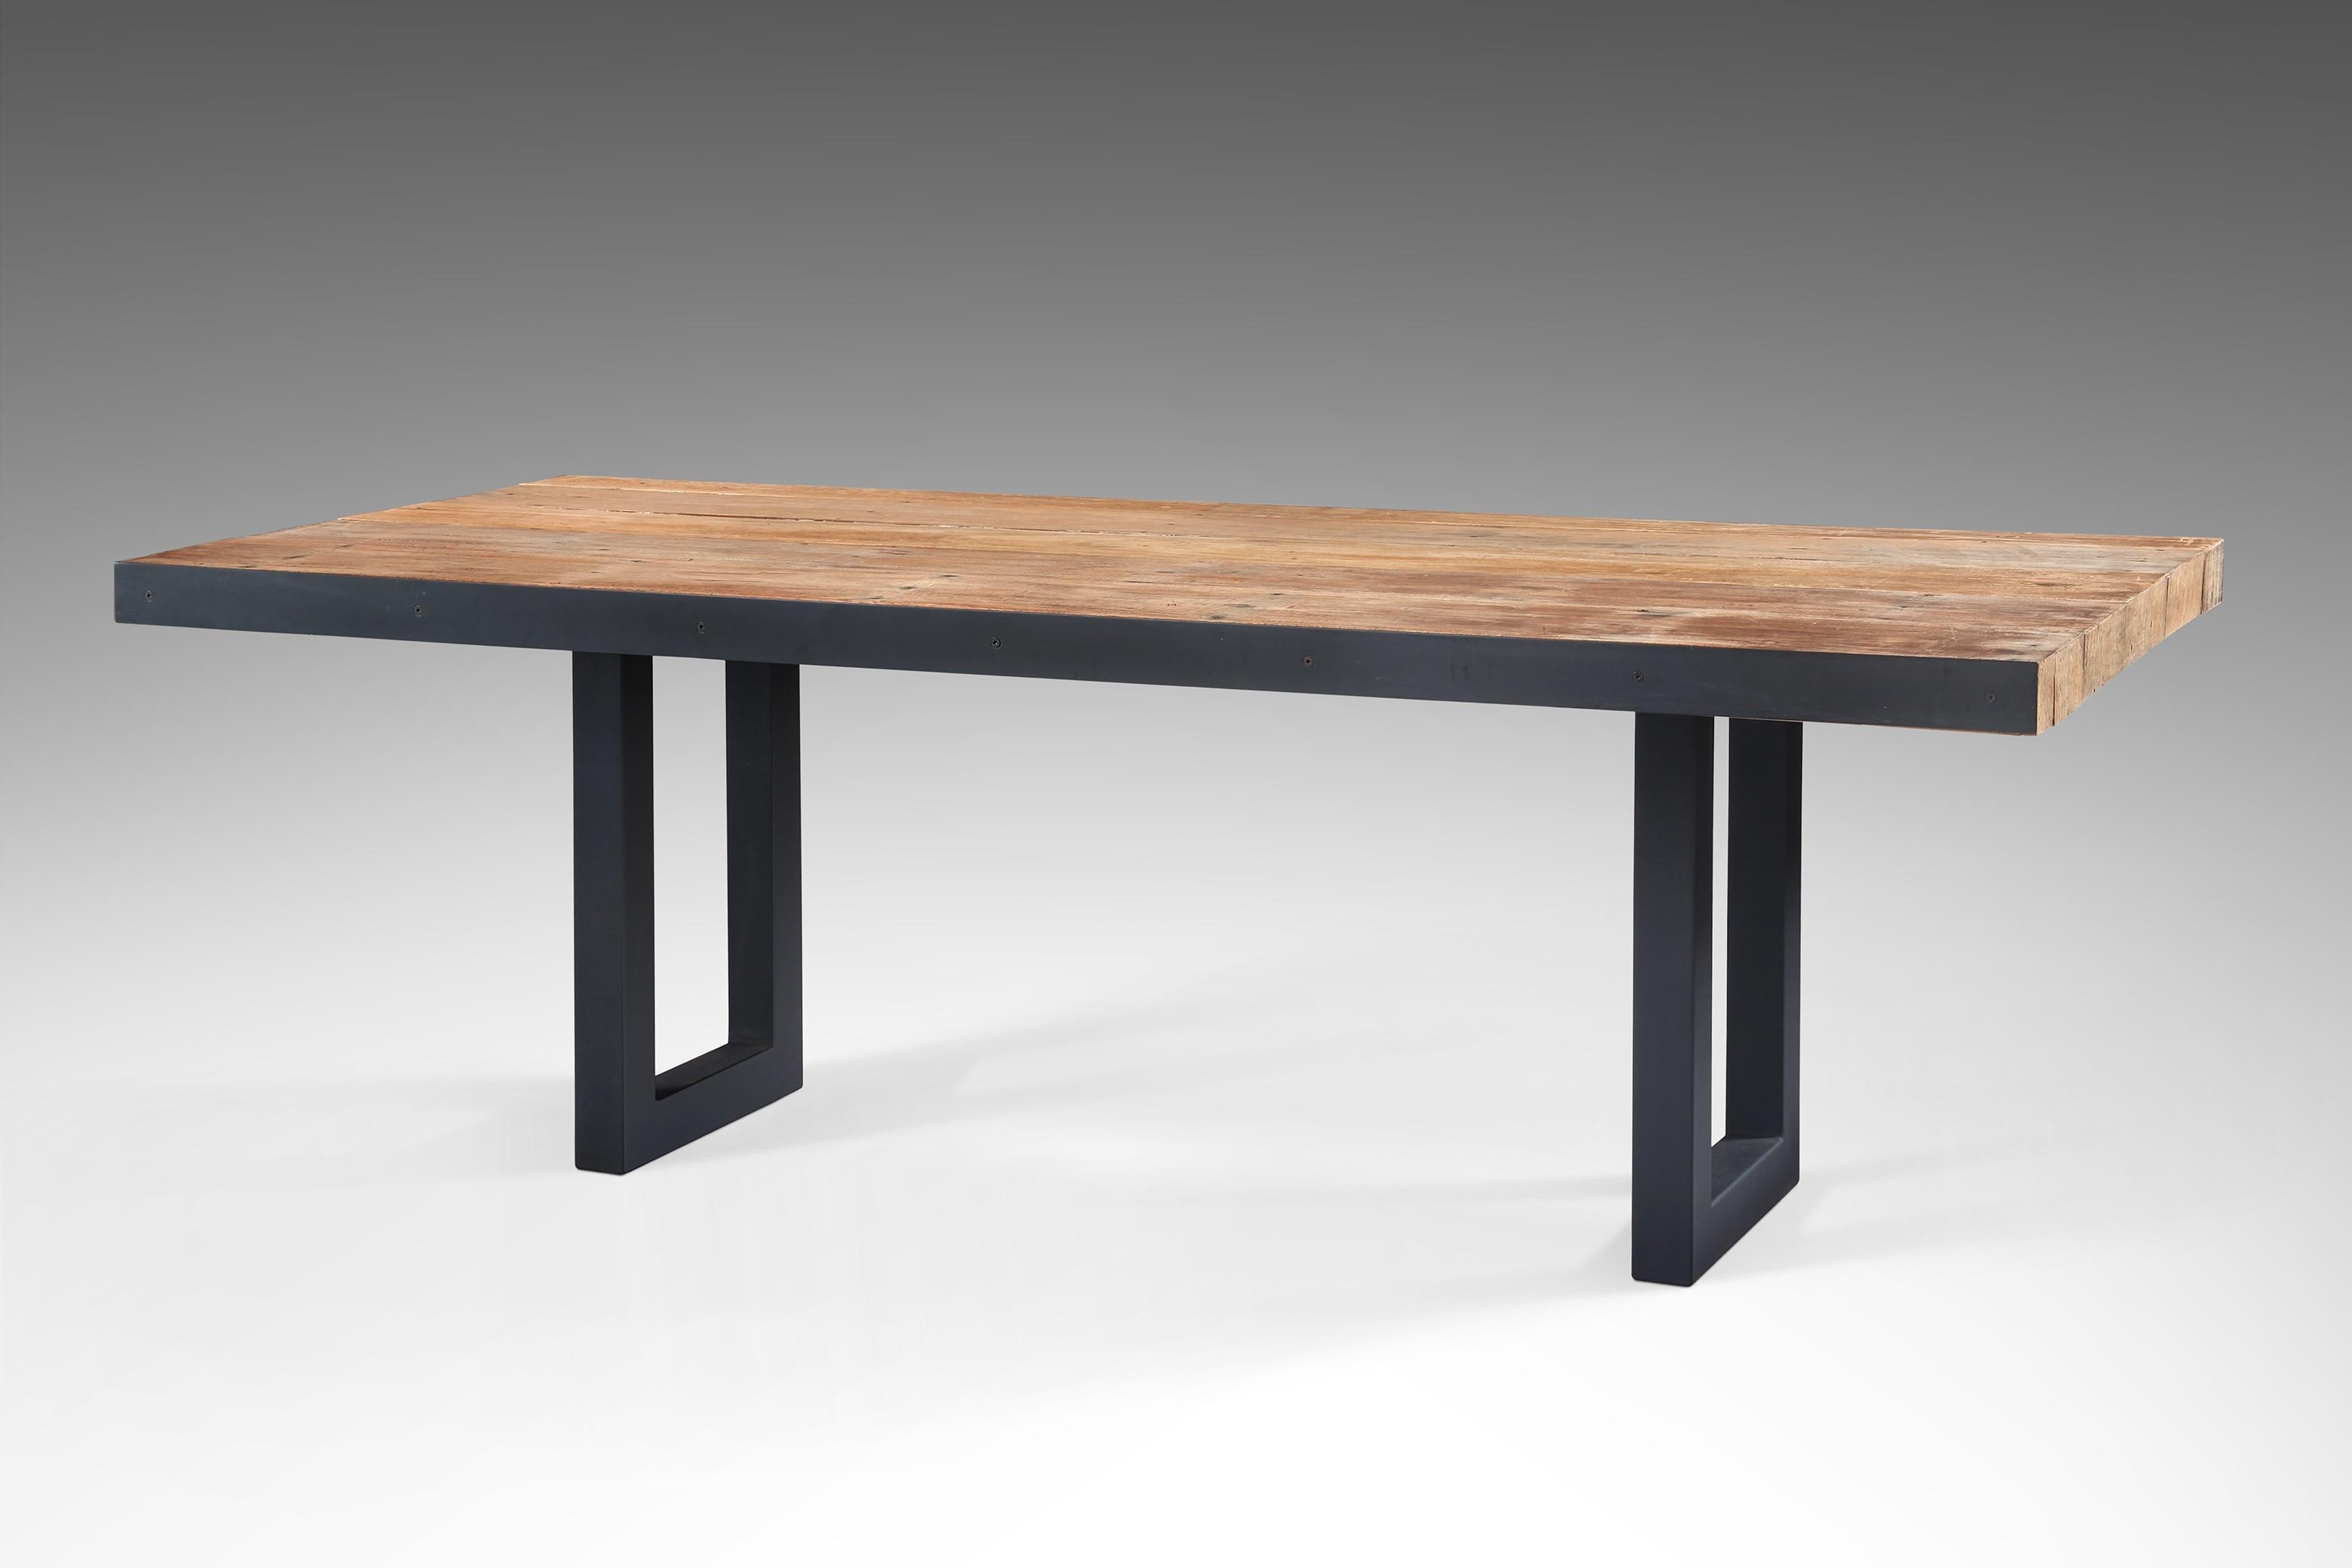 Tavolo rosasplendiani re006 tavolo legno di recupero - Tavoli in legno vecchio ...